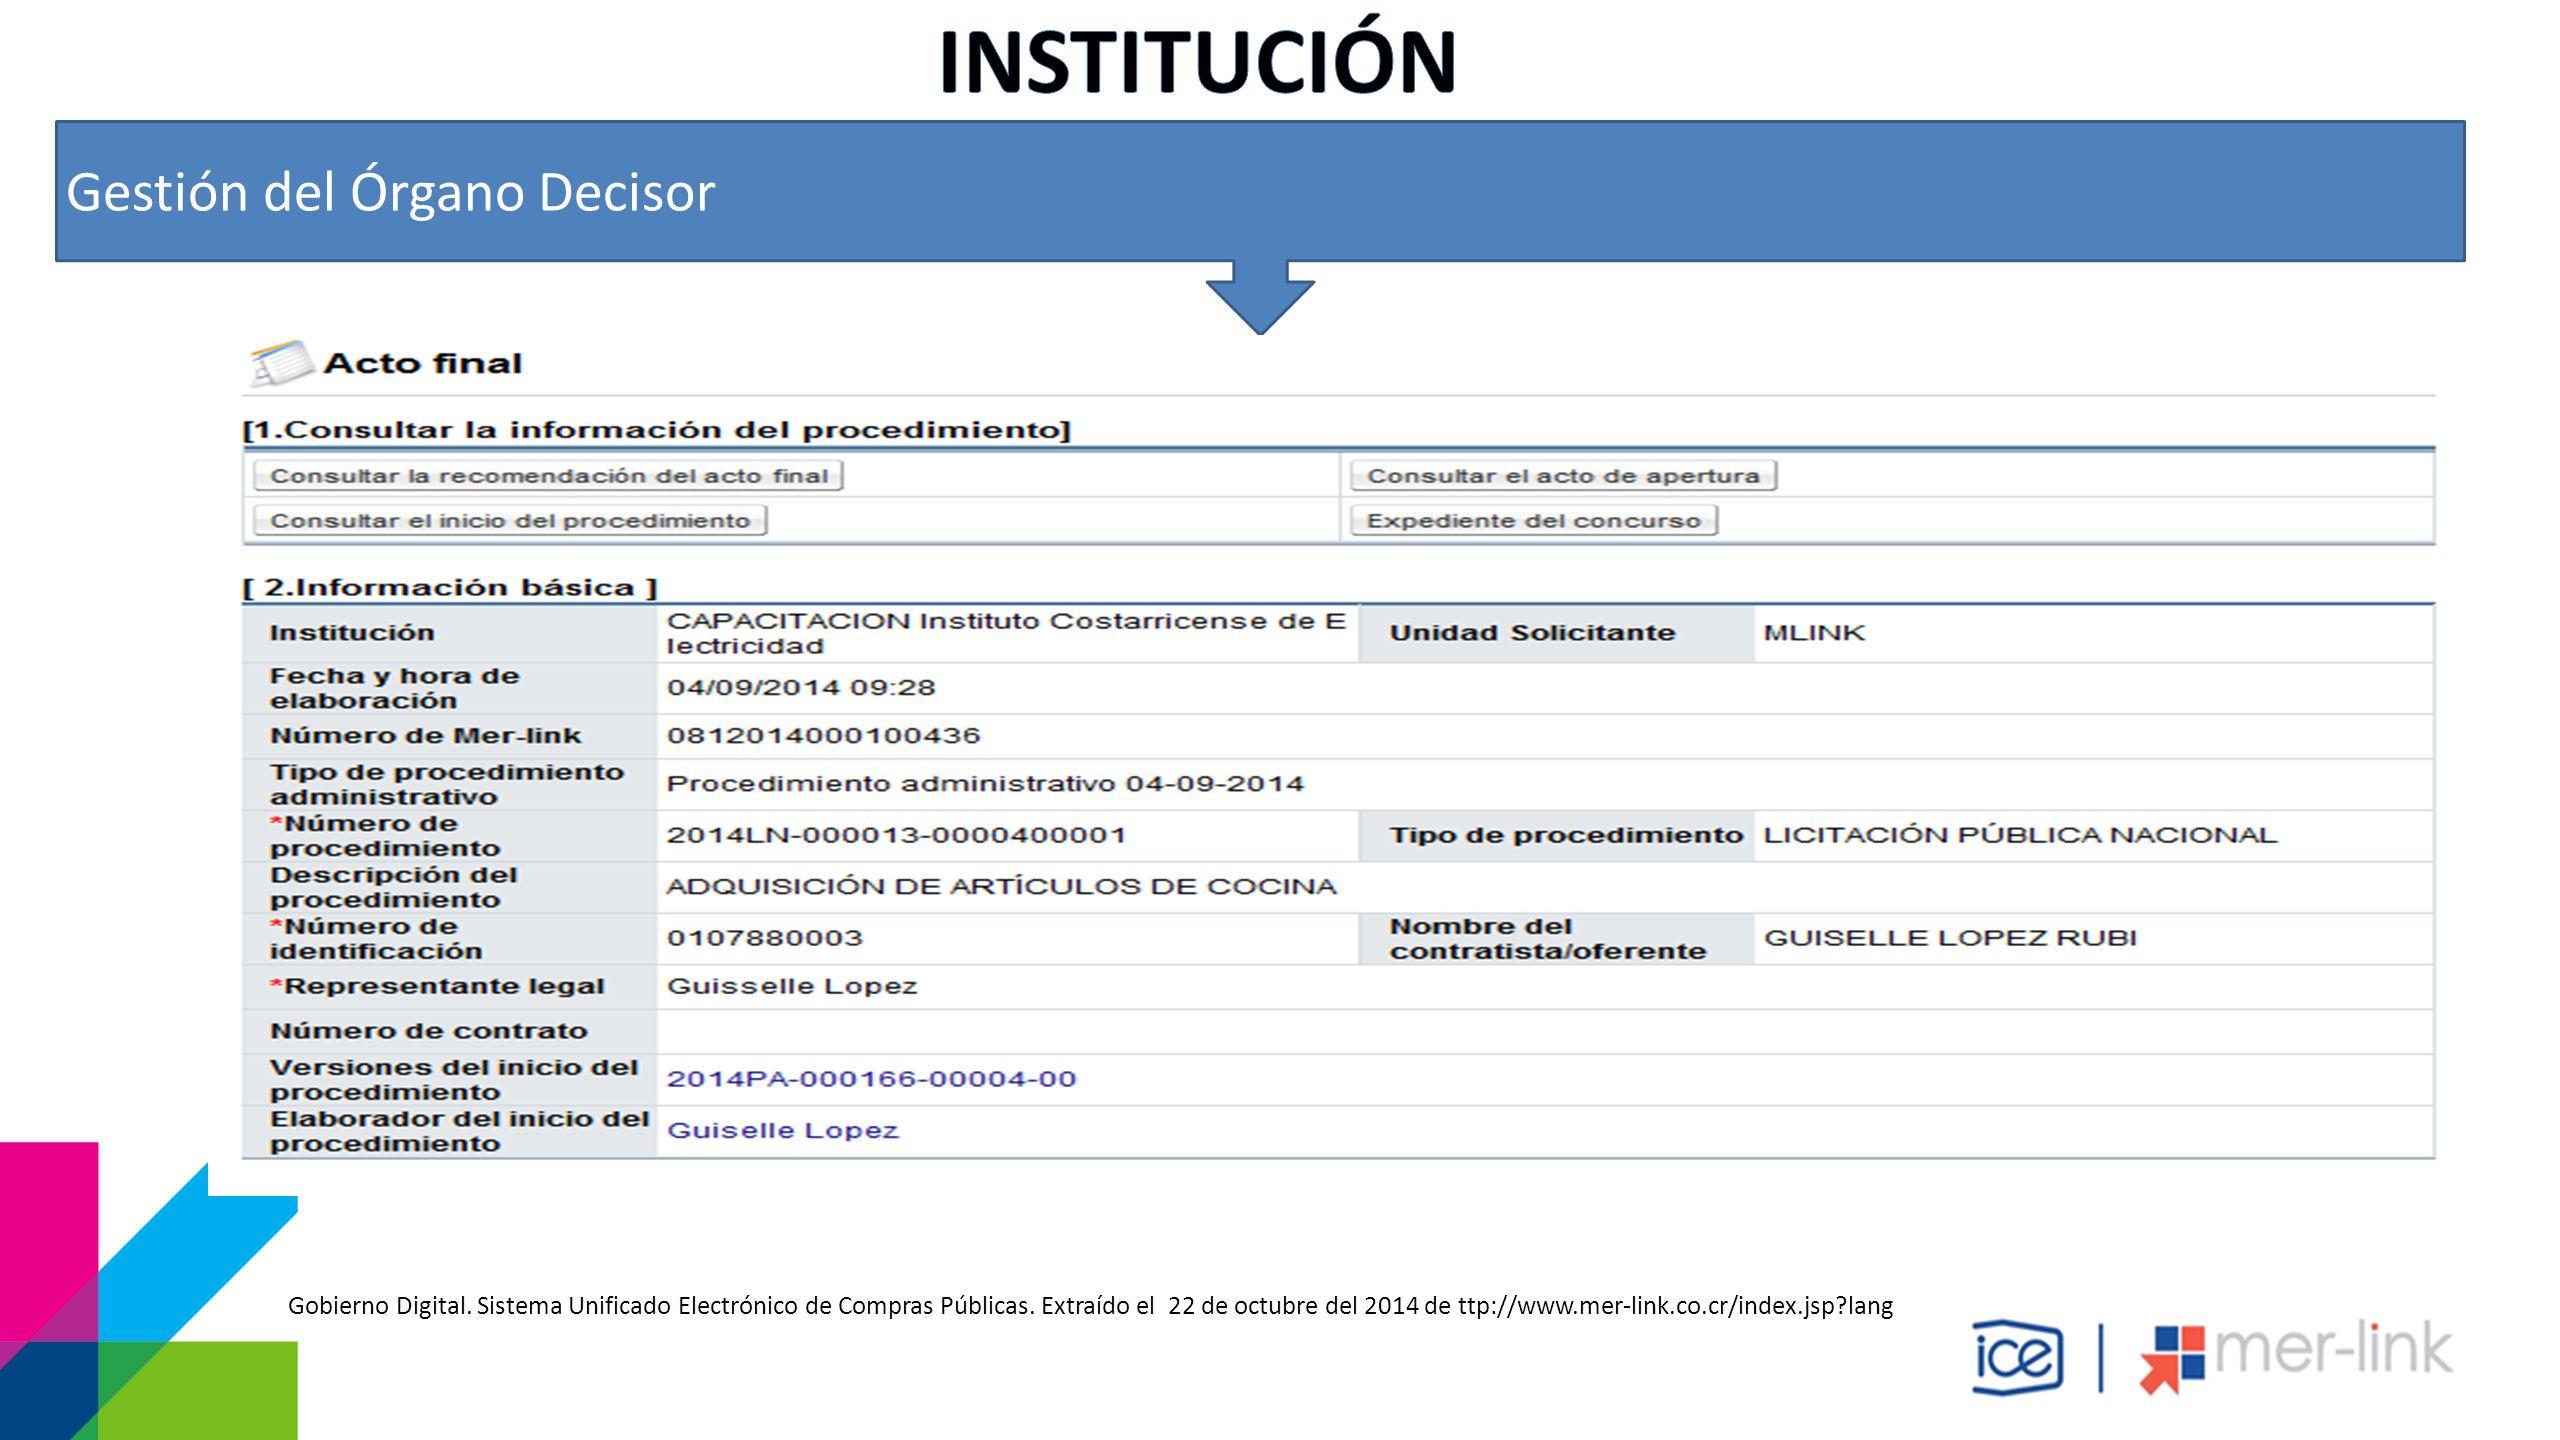 Gestión del Órgano Decisor Gobierno Digital. Sistema Unificado Electrónico de Compras Públicas.